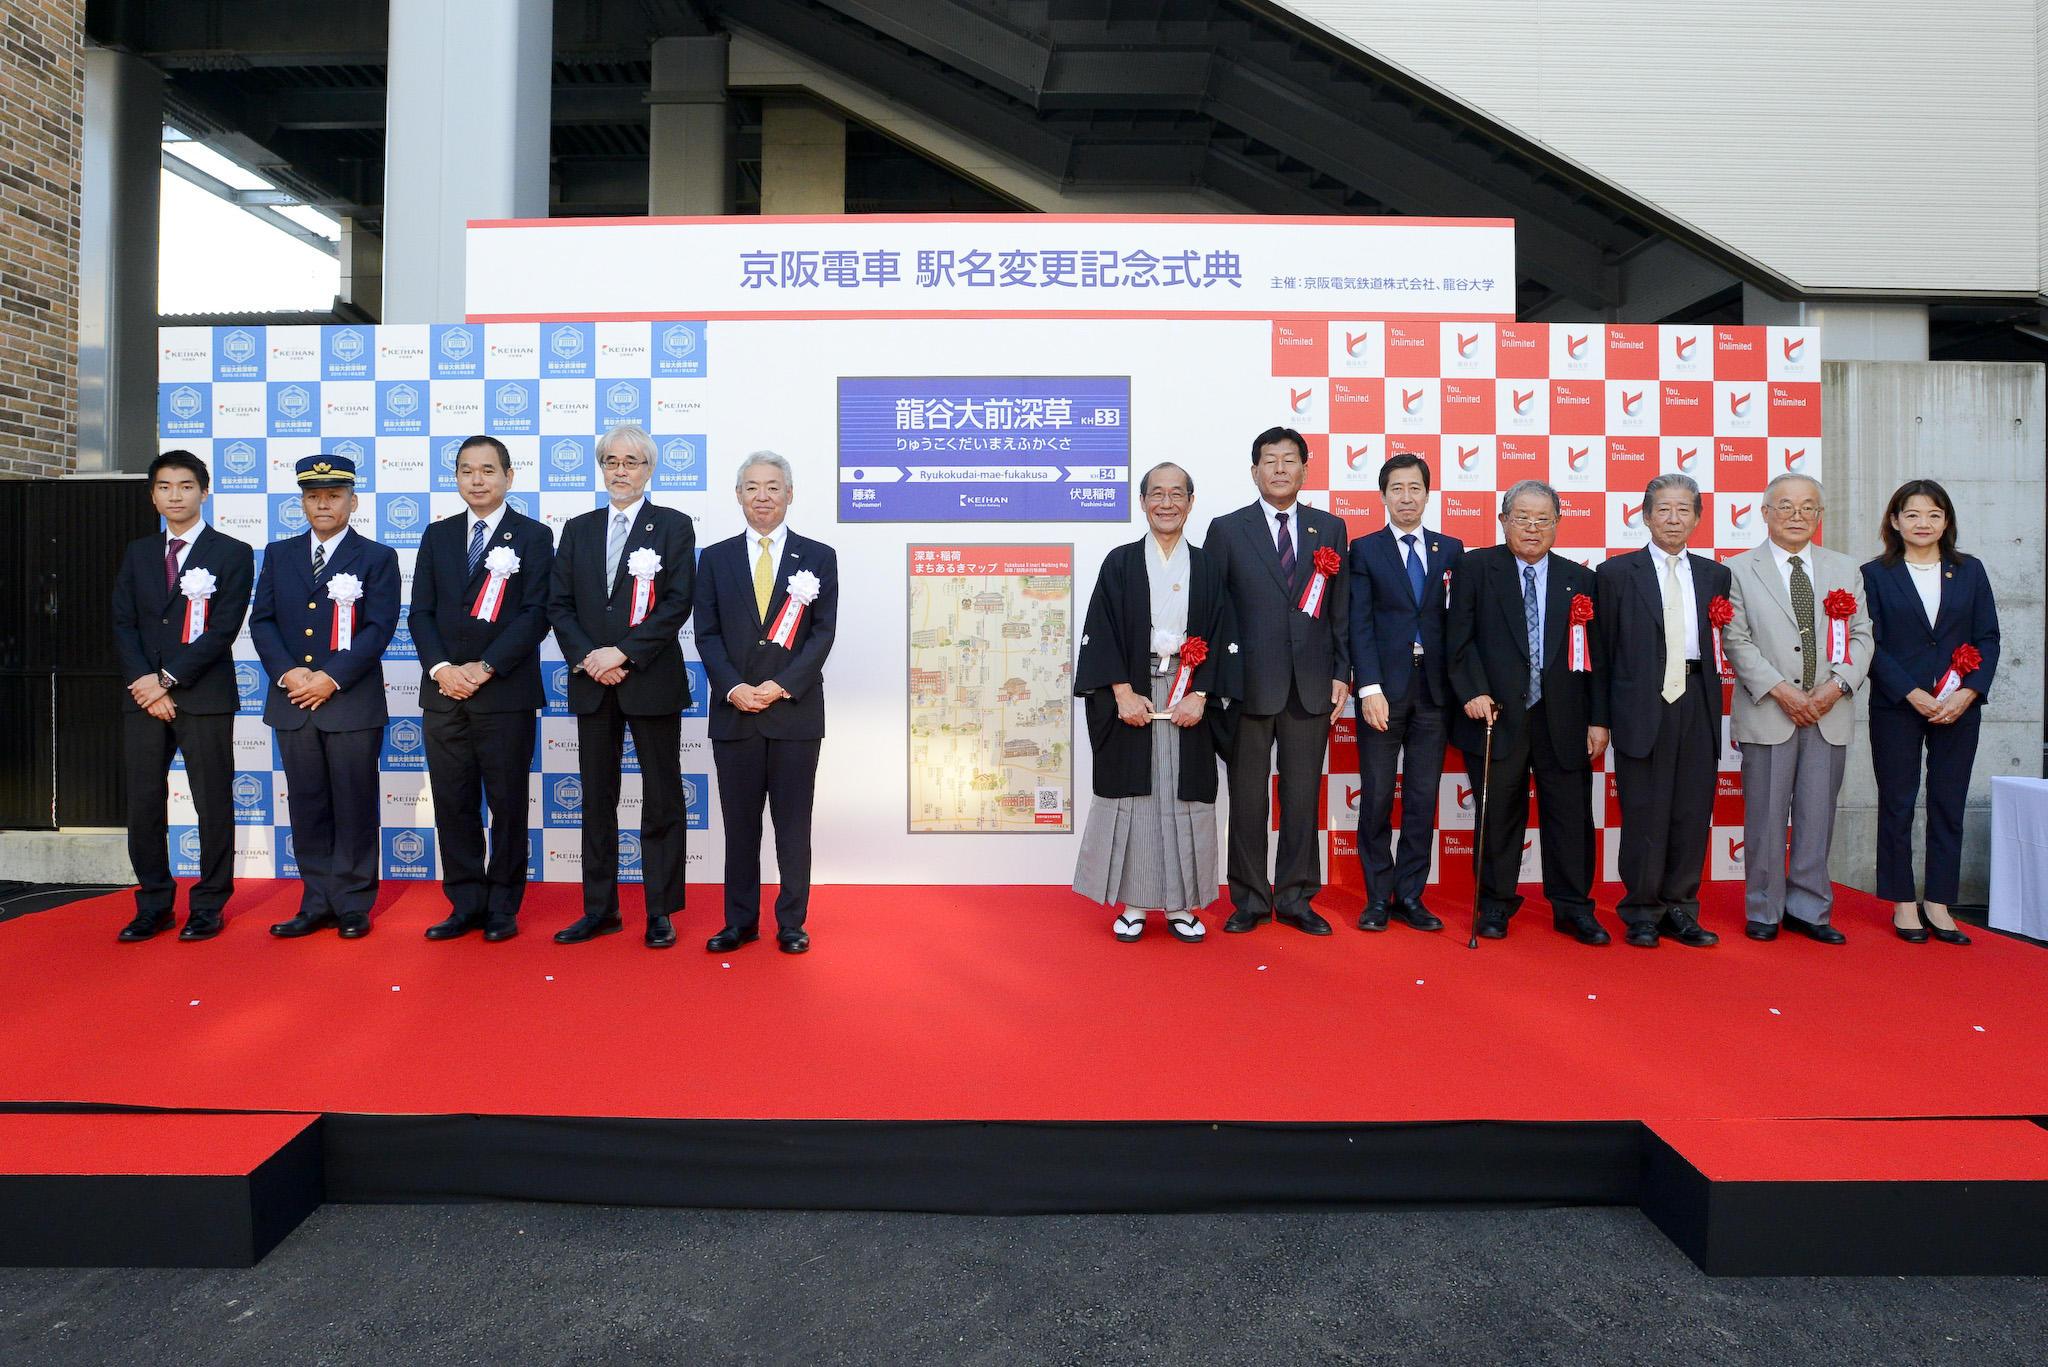 京阪電車「龍谷大前深草」駅誕生 記念式典および、記念の地域交流イベントを開催